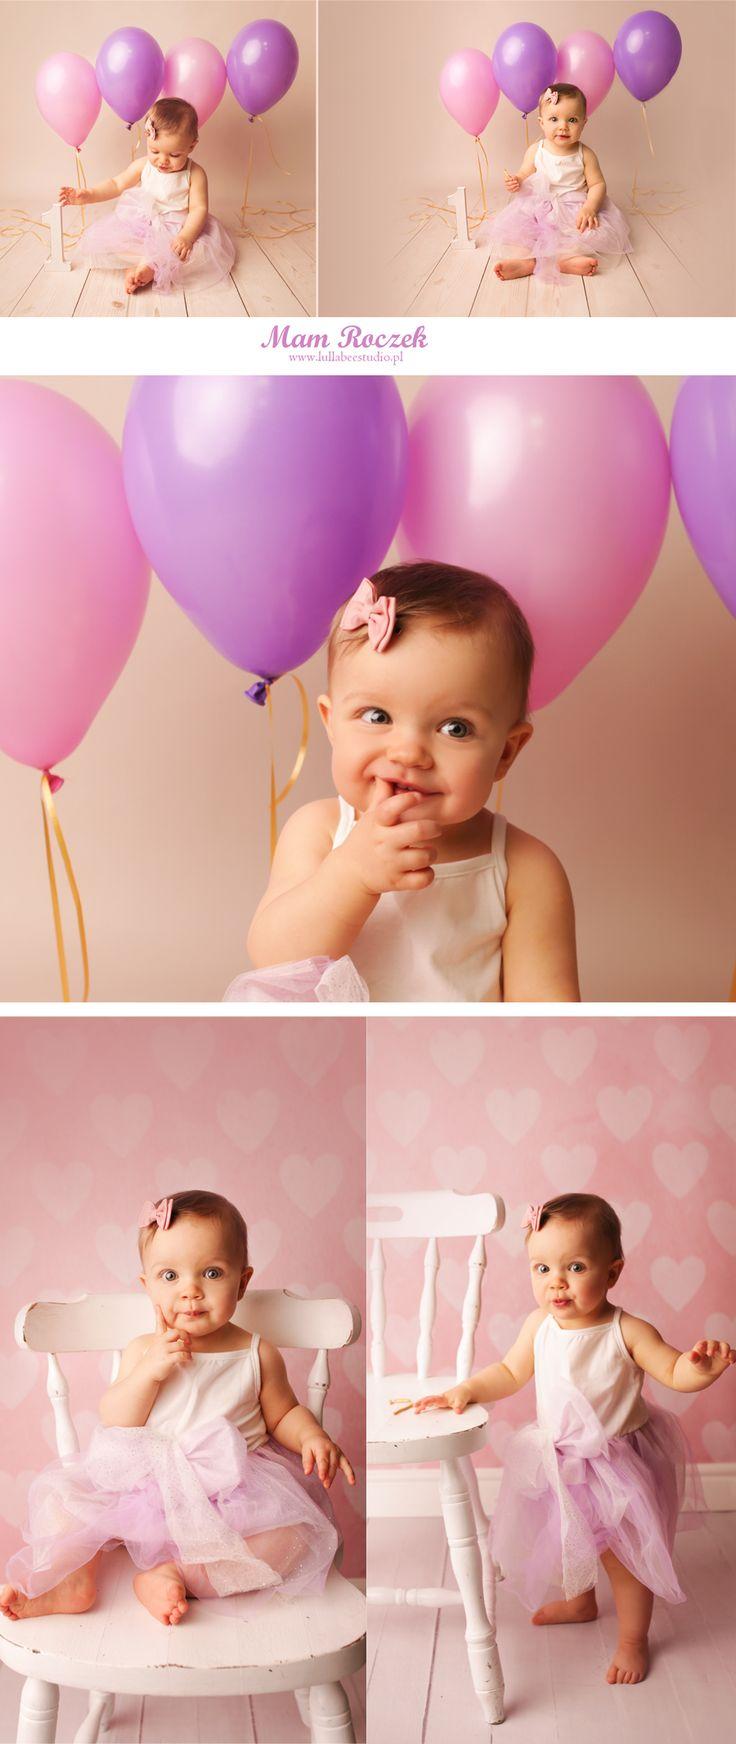 Lullabee Studio fotografia dziecięca, niemowlęca, noworodkowa,rodzinna, ślubna - Rzeszów, Kraków, Łańcut, Głogów Małopolski, Podkarpacie